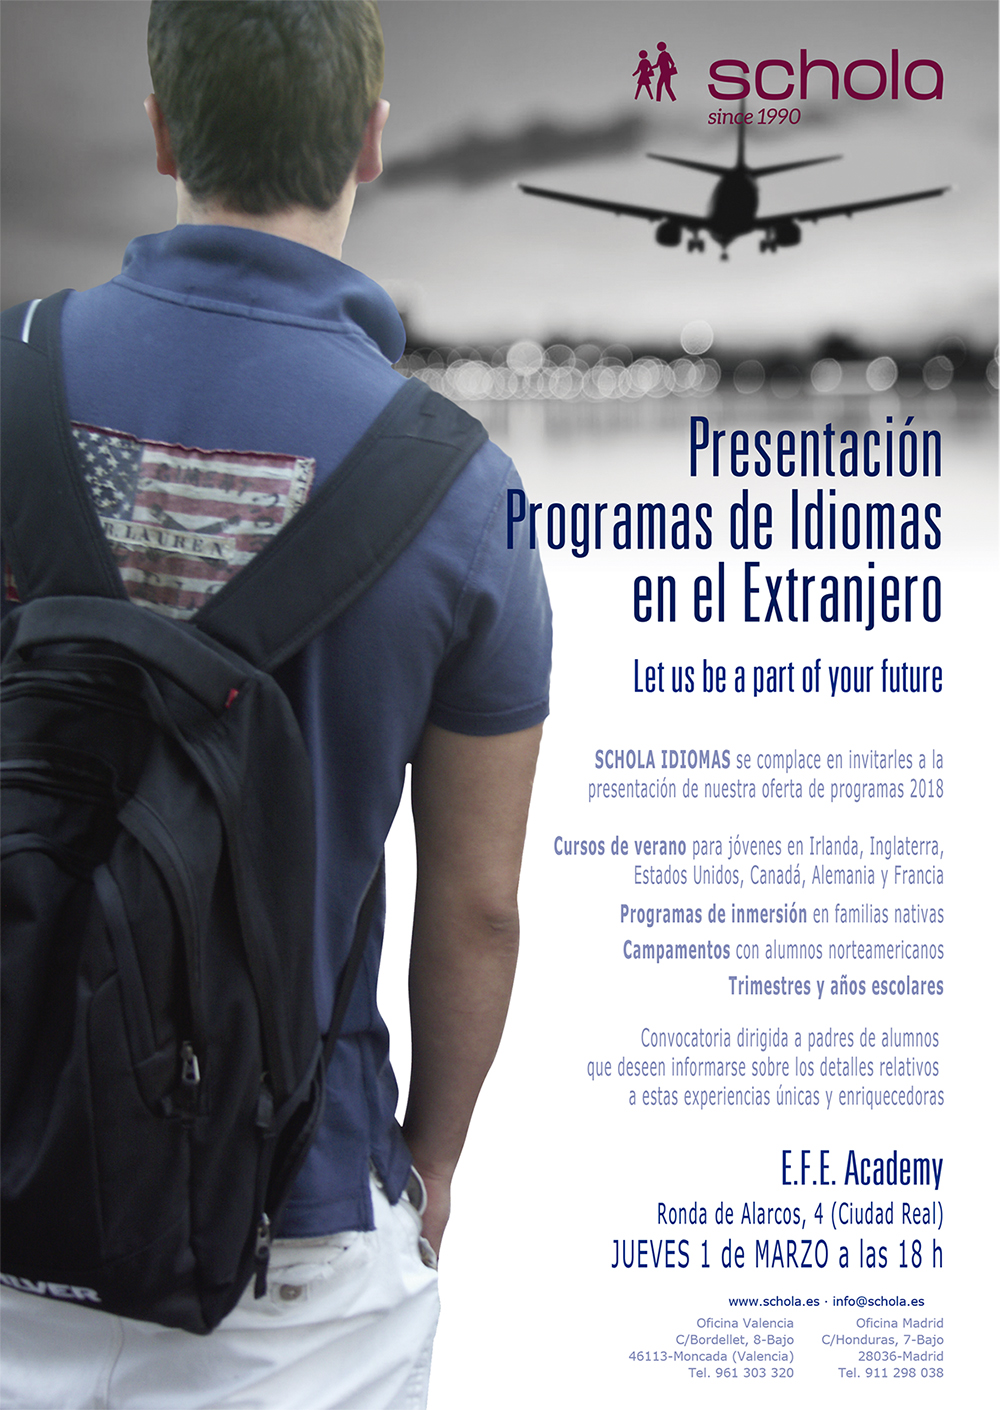 Programas de idiomas en el extranjero - Ciudad Real - Schola